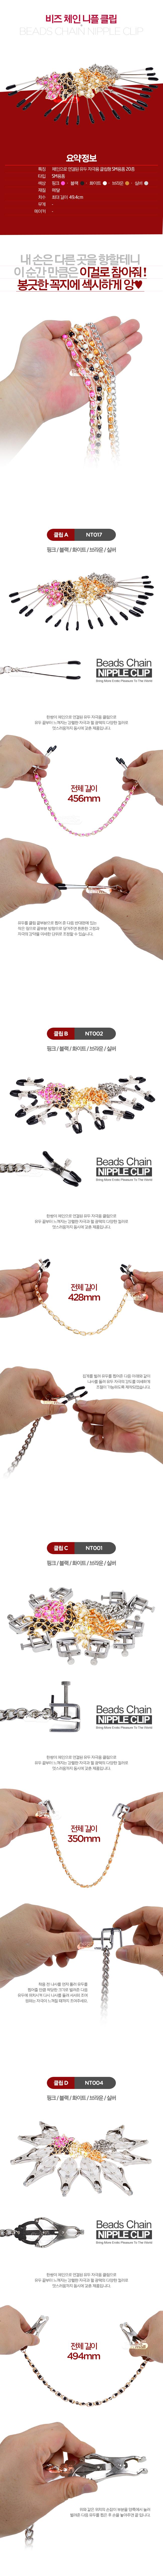 [유두 집게] 비즈 체인 니플 클립(Beads Chain Nipple Clip)